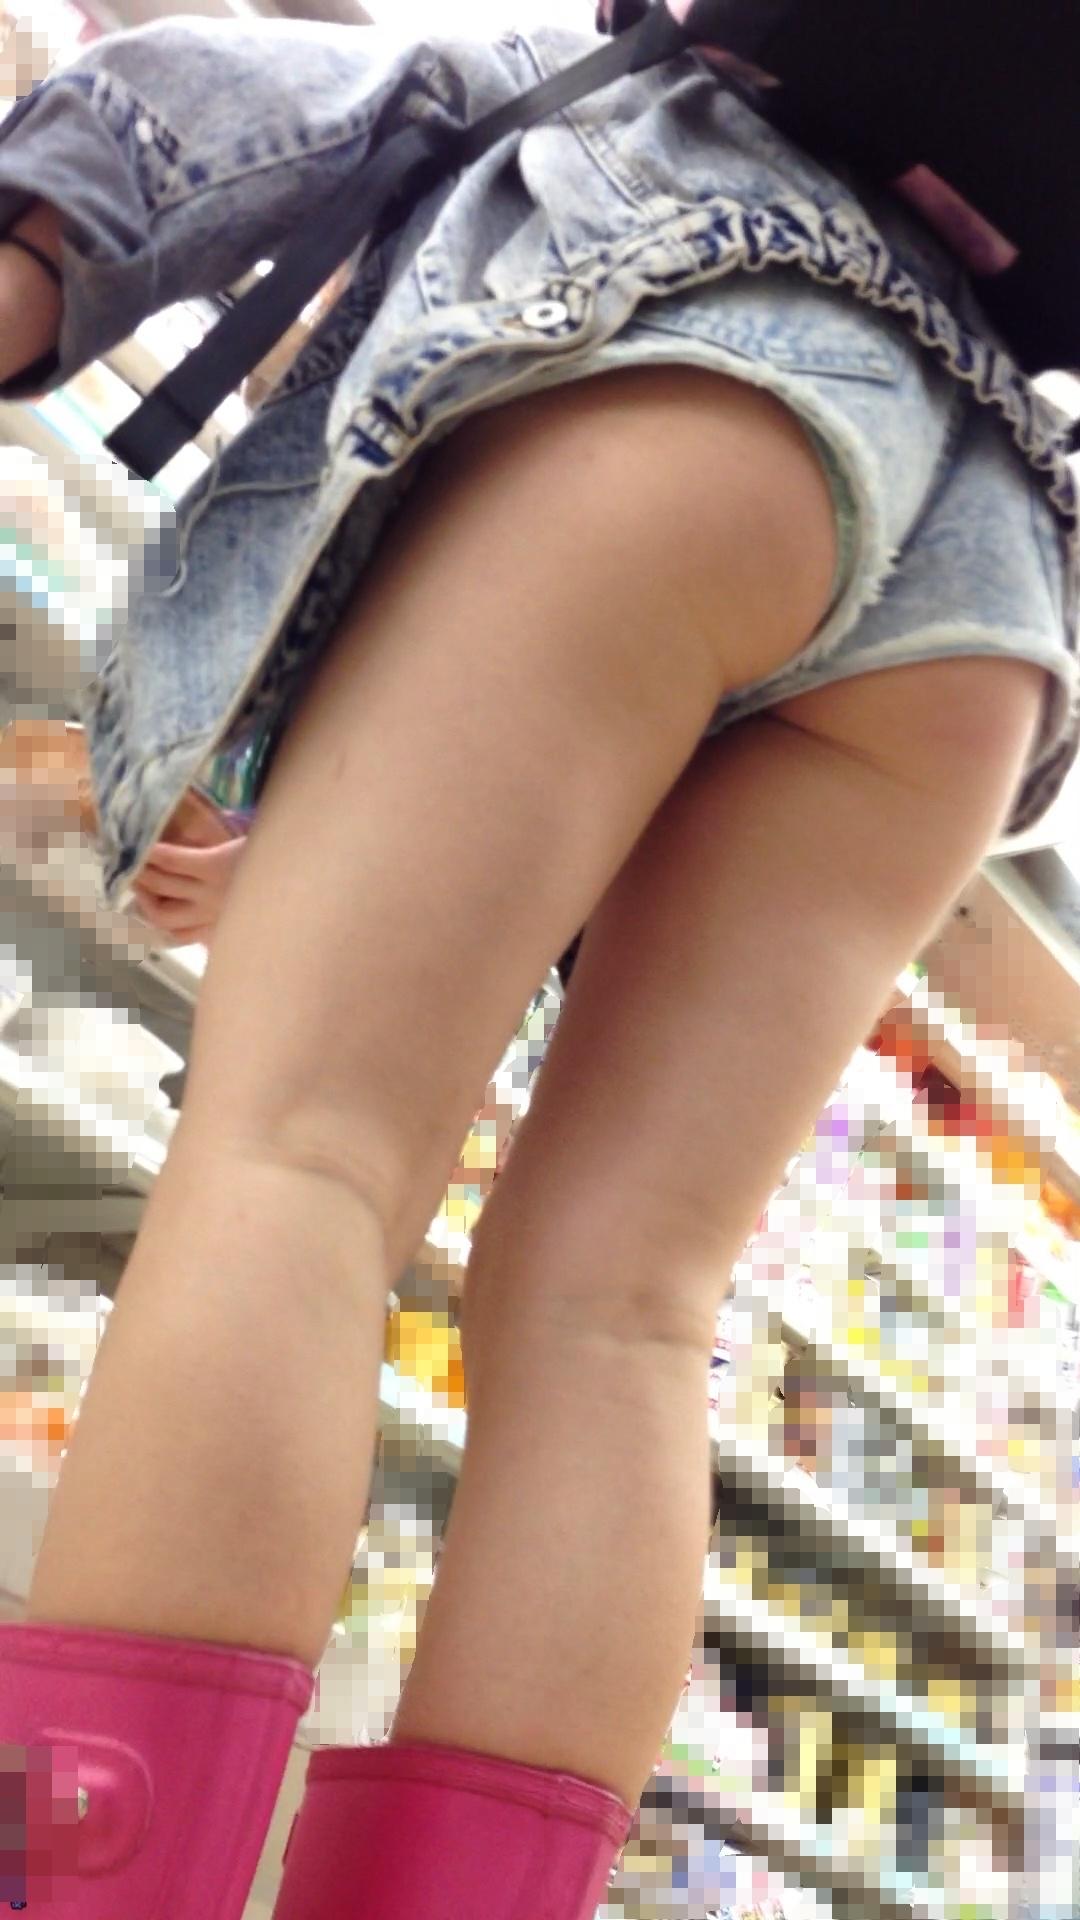 【着尻エロ画像】堂々とハミ出したまま表を歩ける激アツのホットパンツ女子!